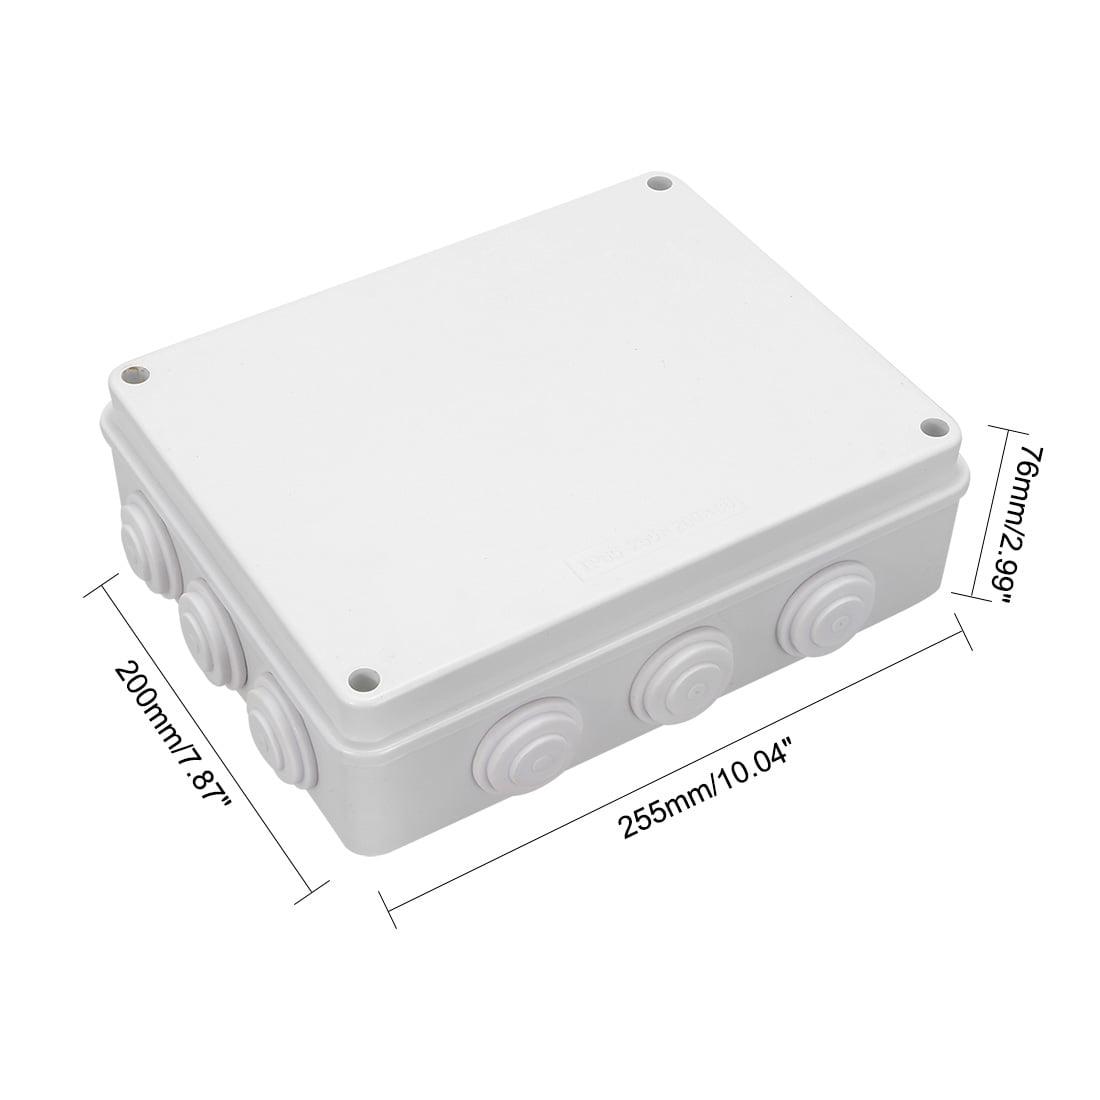 """Unique Bargains 10.04"""" x 7.87"""" x 2.99"""" ABS Junction Box Universal Project Enclosure White - image 4 de 5"""